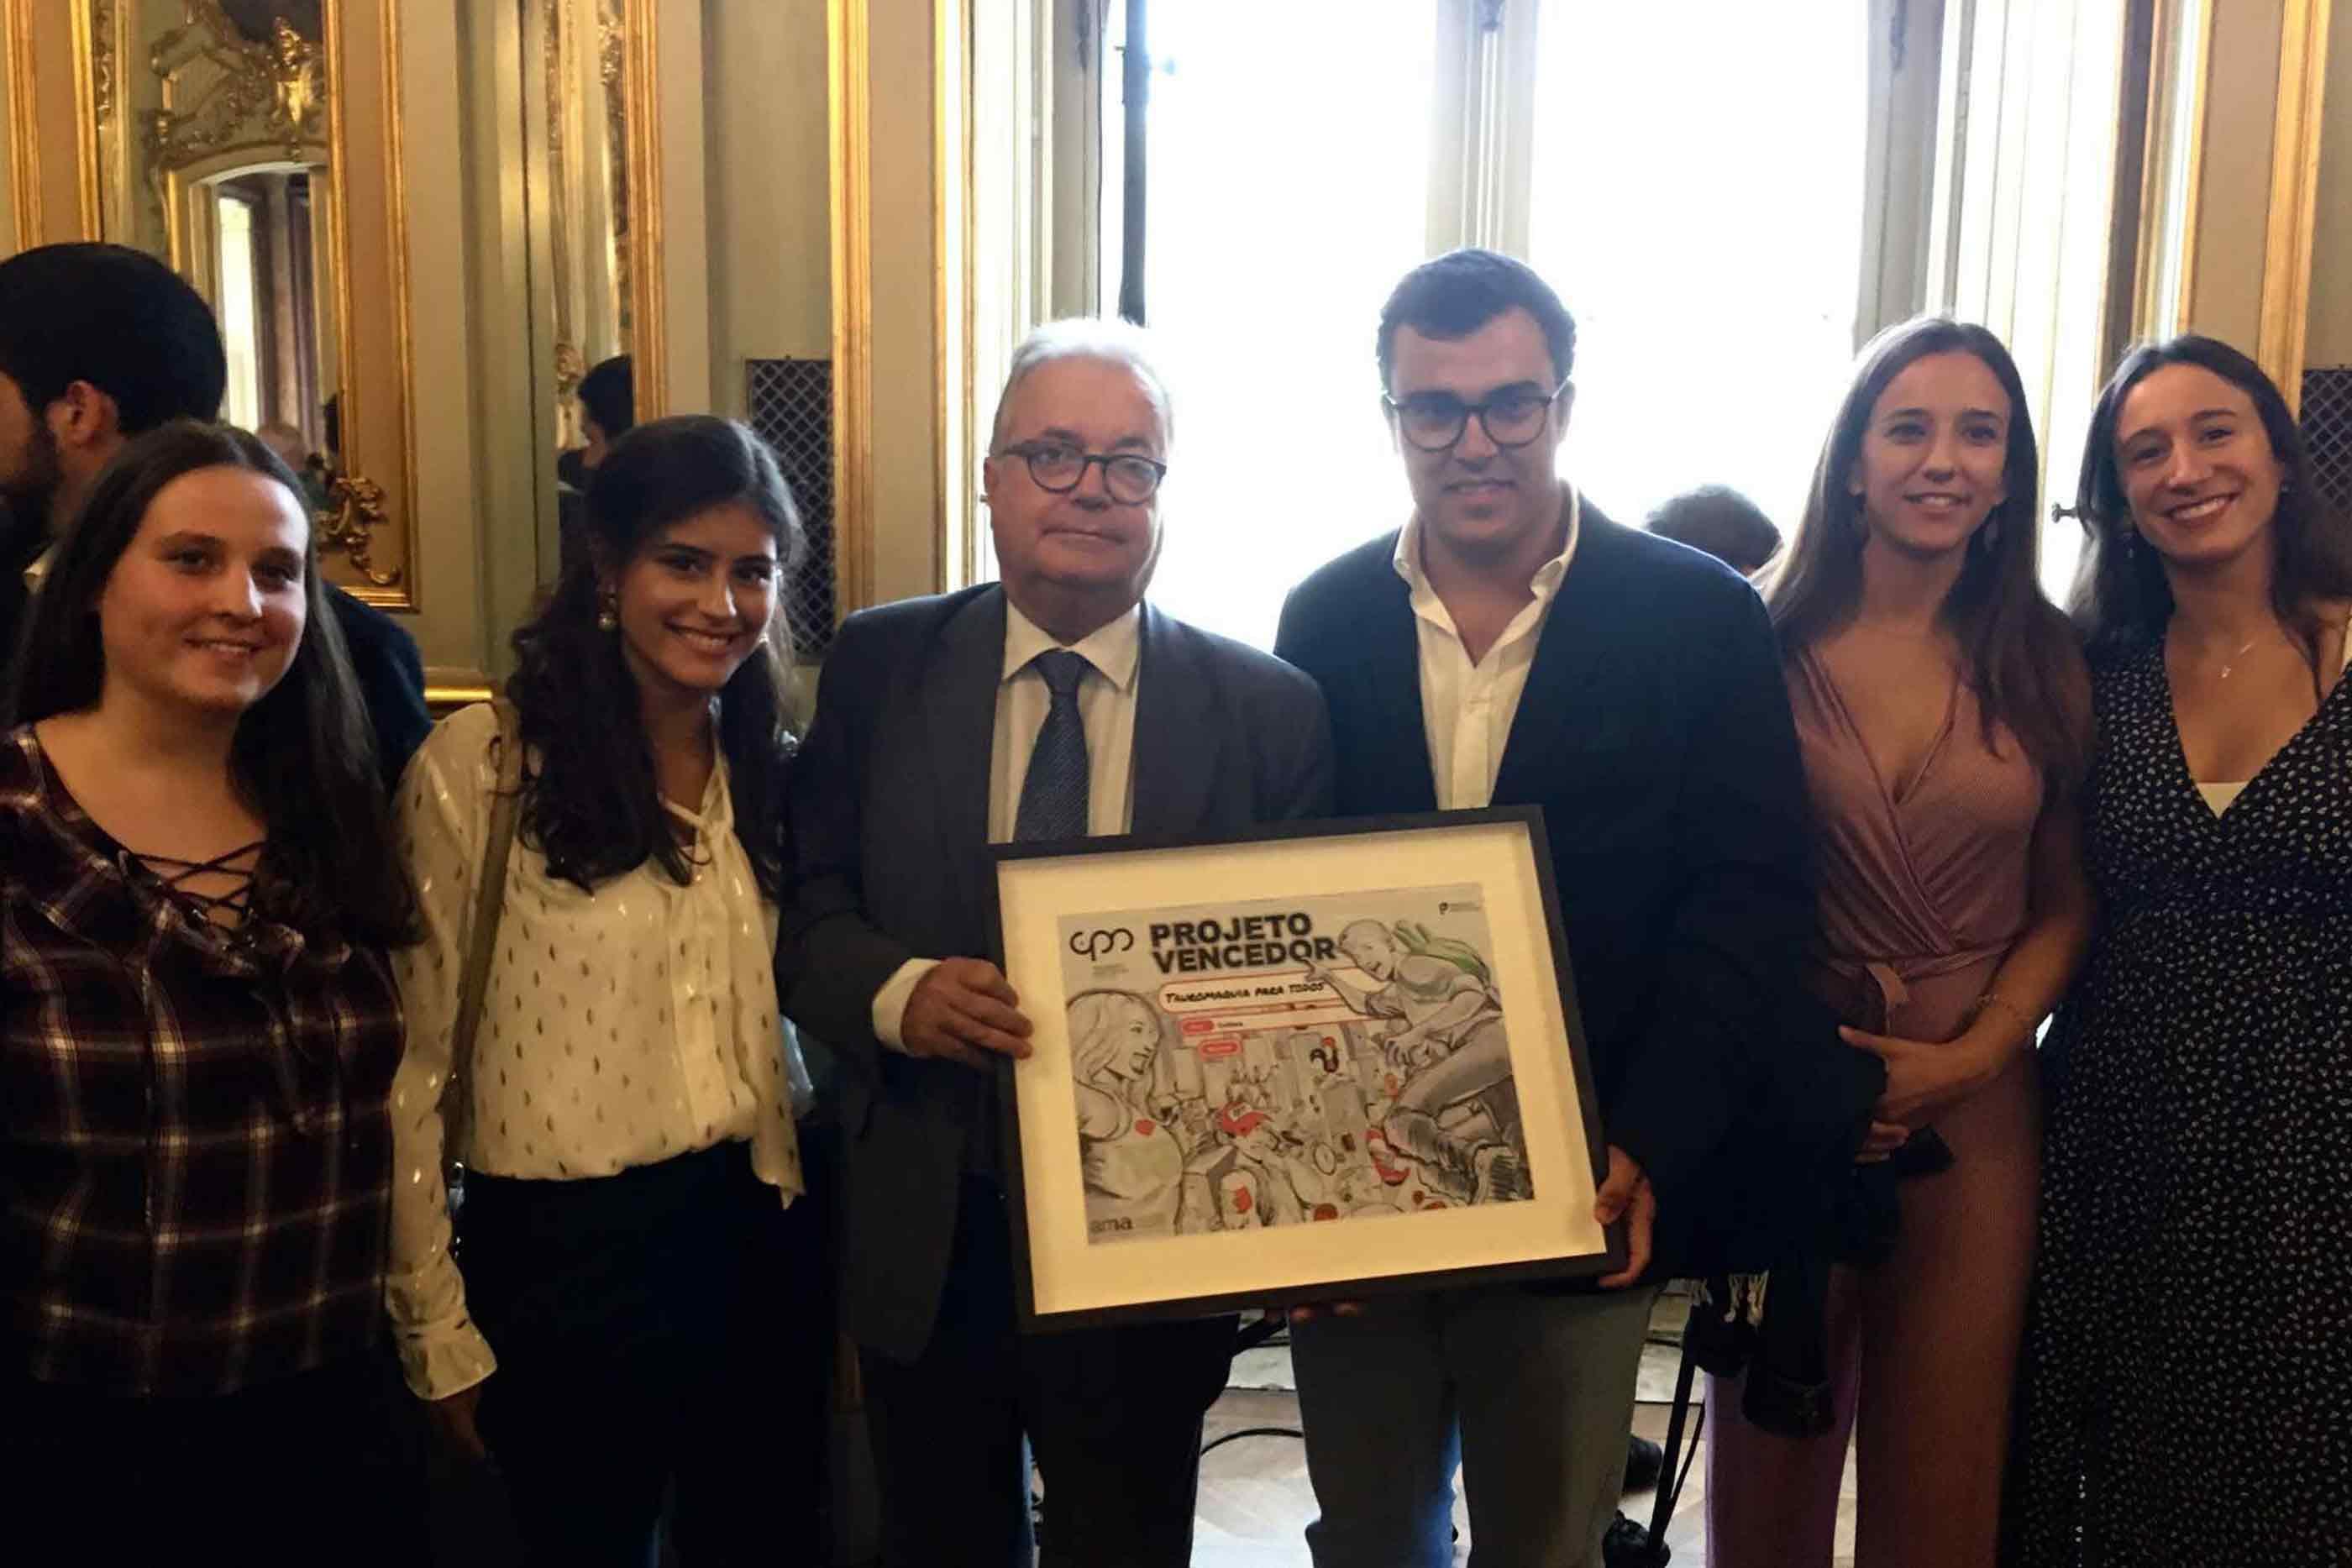 Entrega do prémio do projeto Tauromaquia para todos por parte do ex-ministro da cultura Luís Castro Mendes